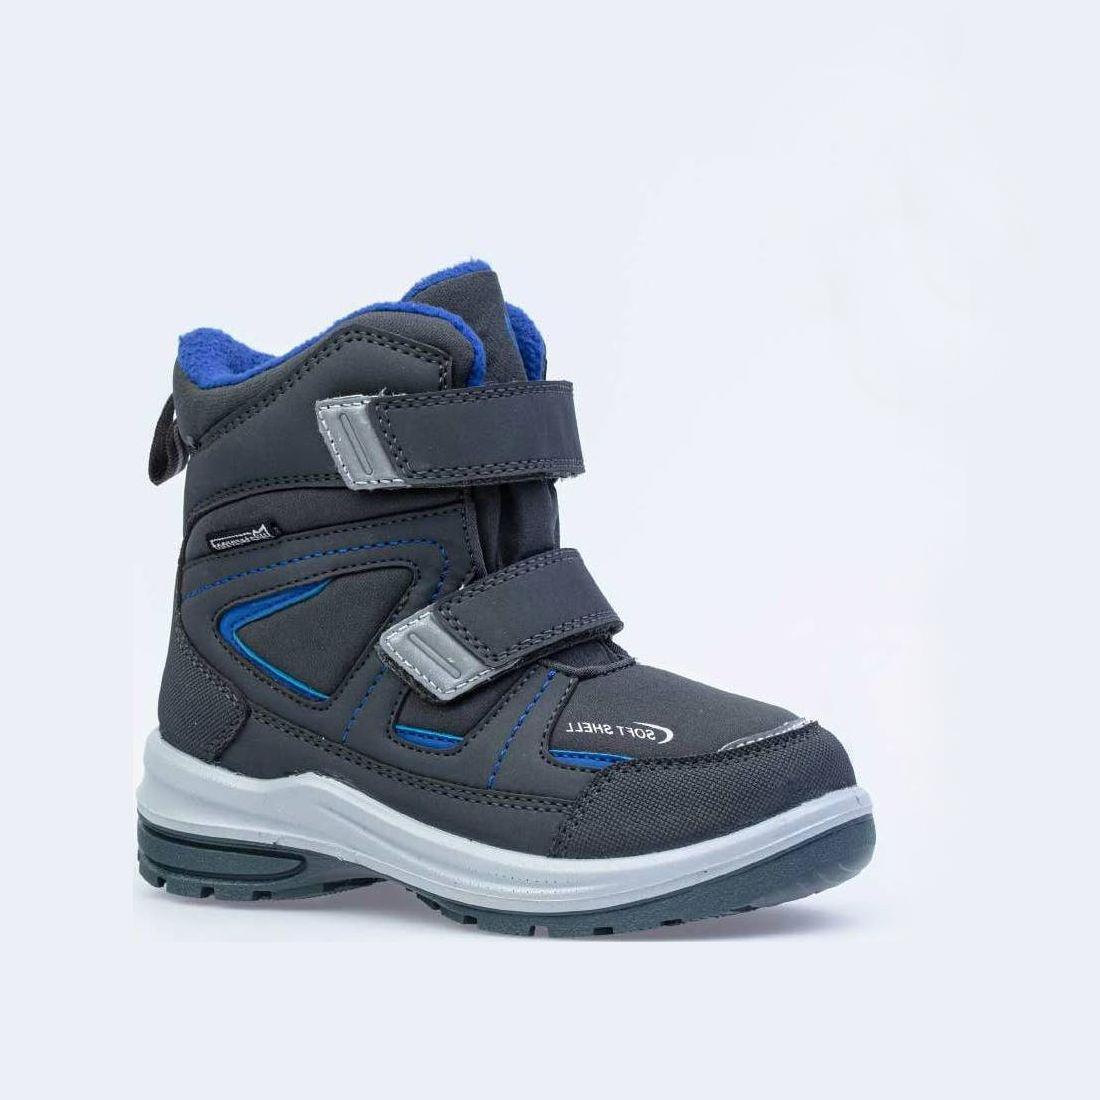 Ботинки для мальчиков Котофей 454830-42 р.29